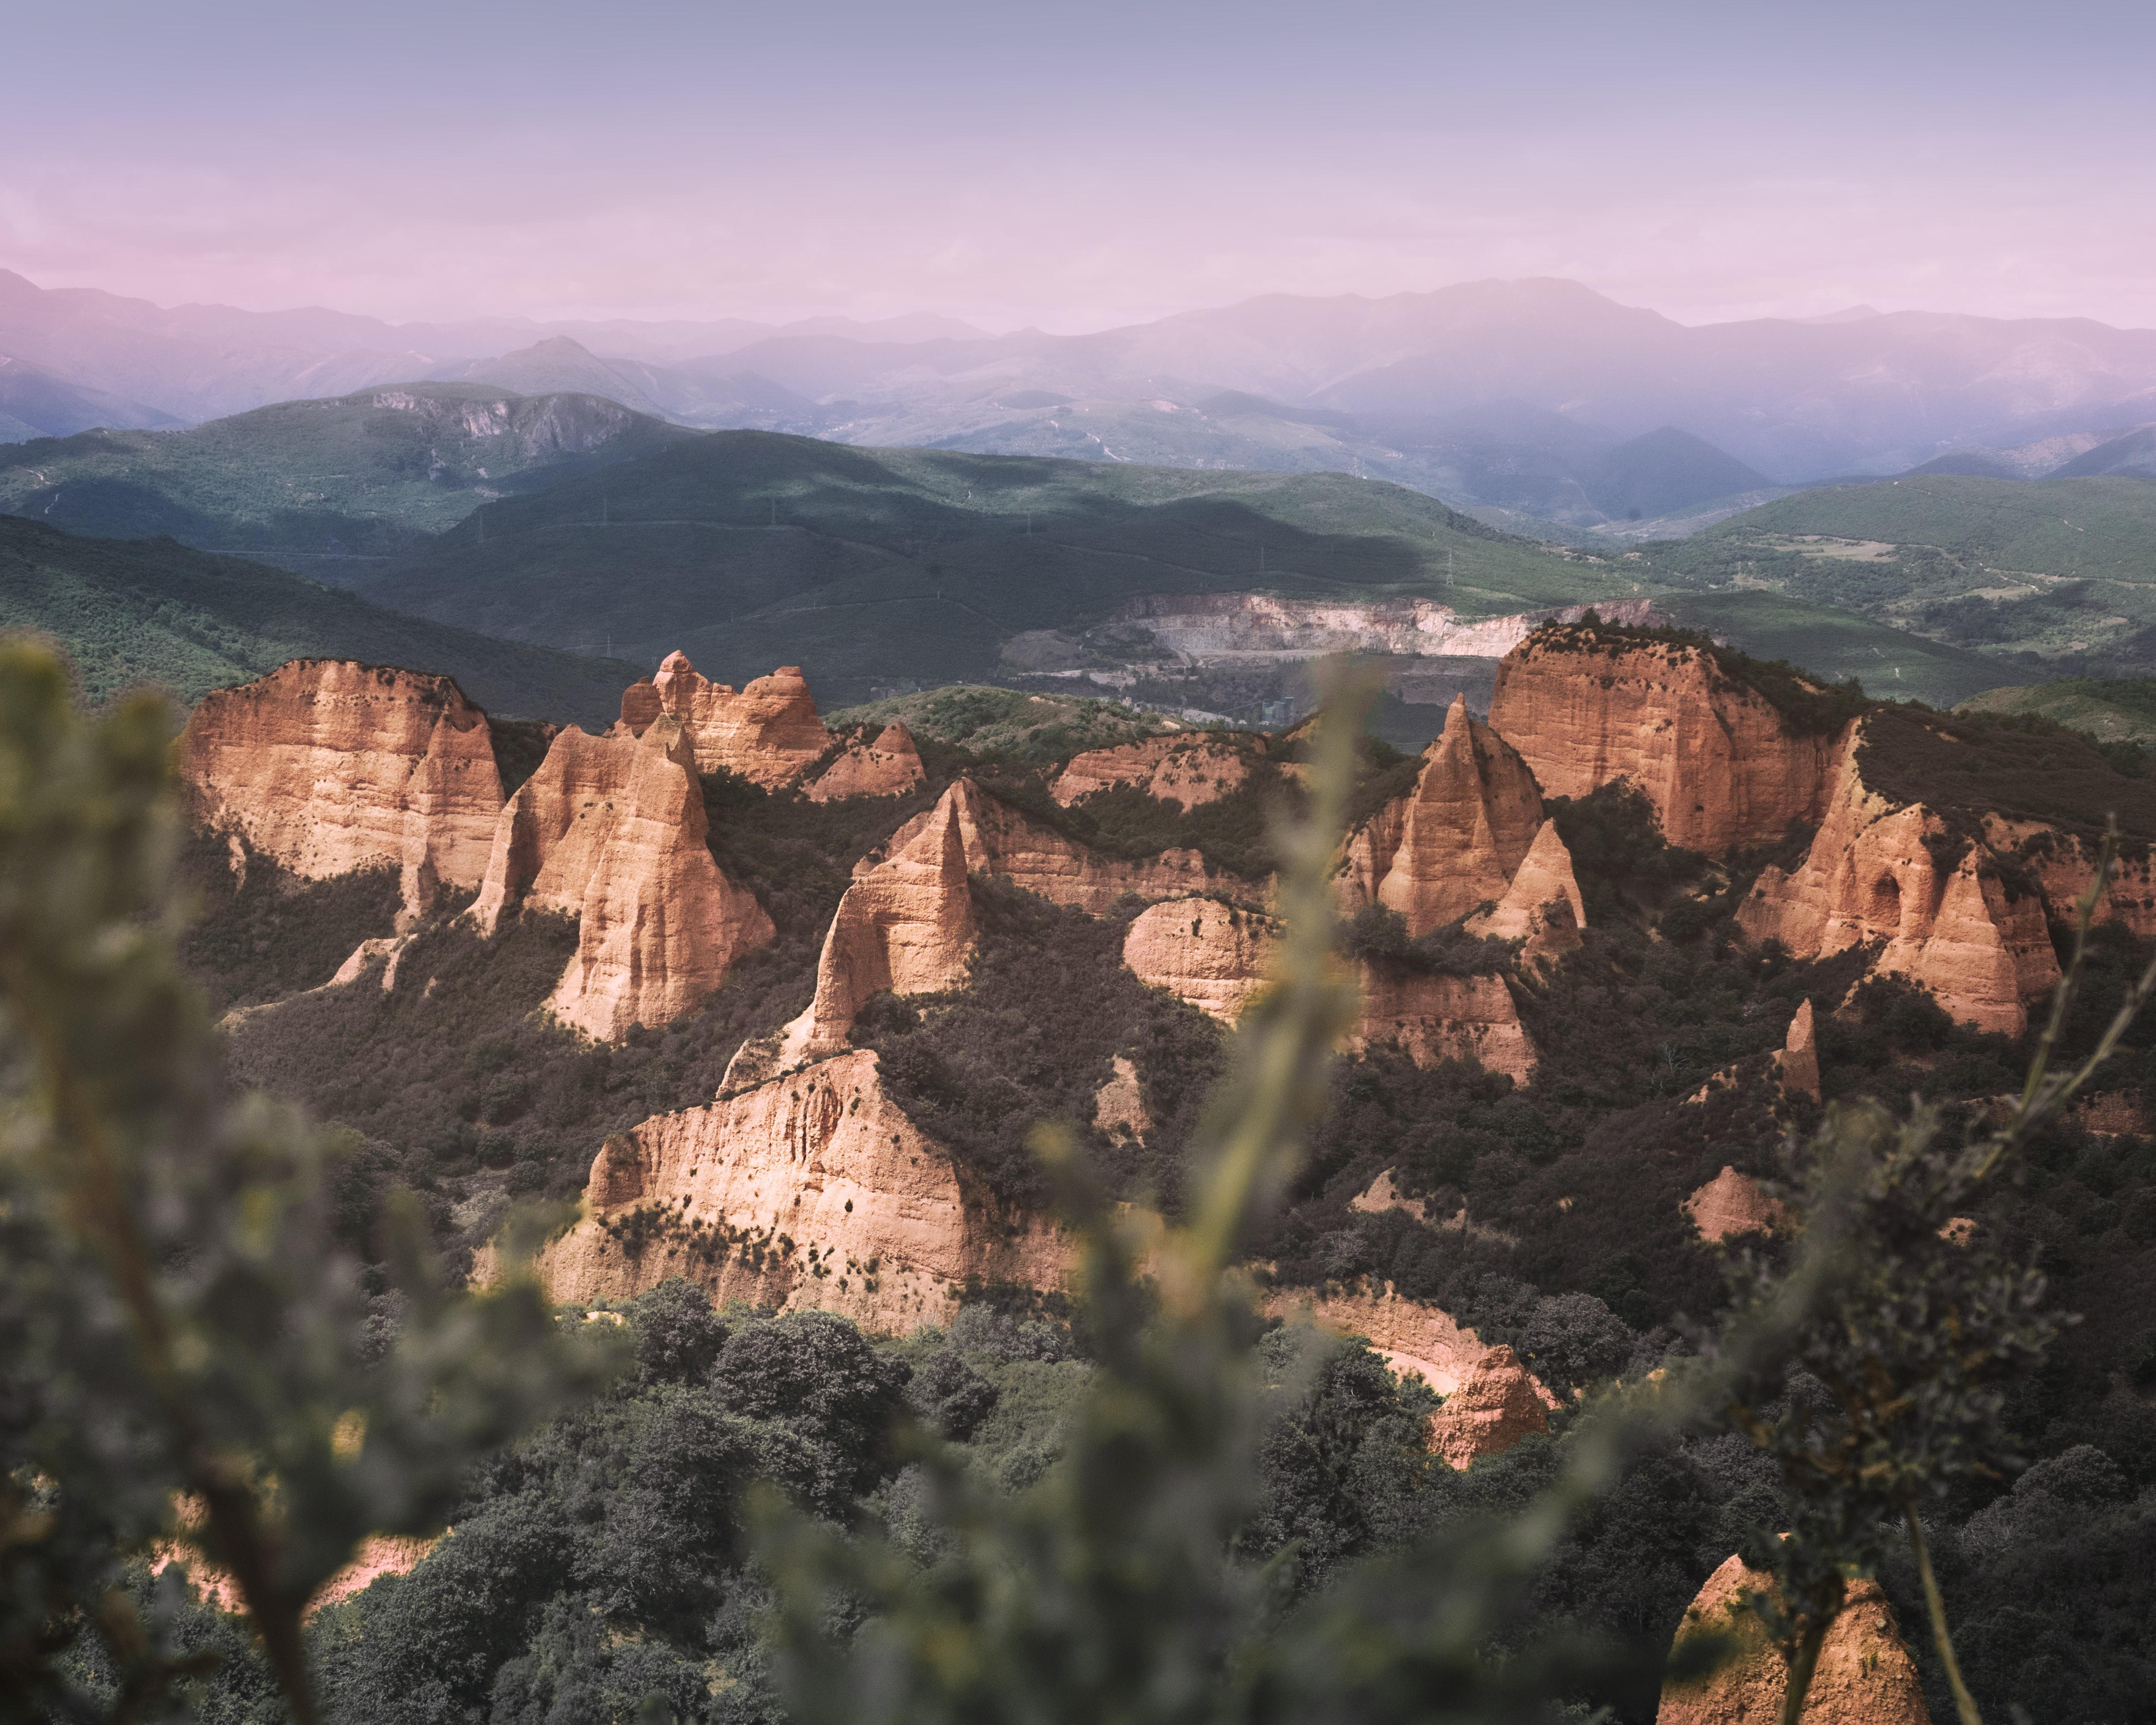 Las Medulas Ponferrada, UNESCO sites in Spain